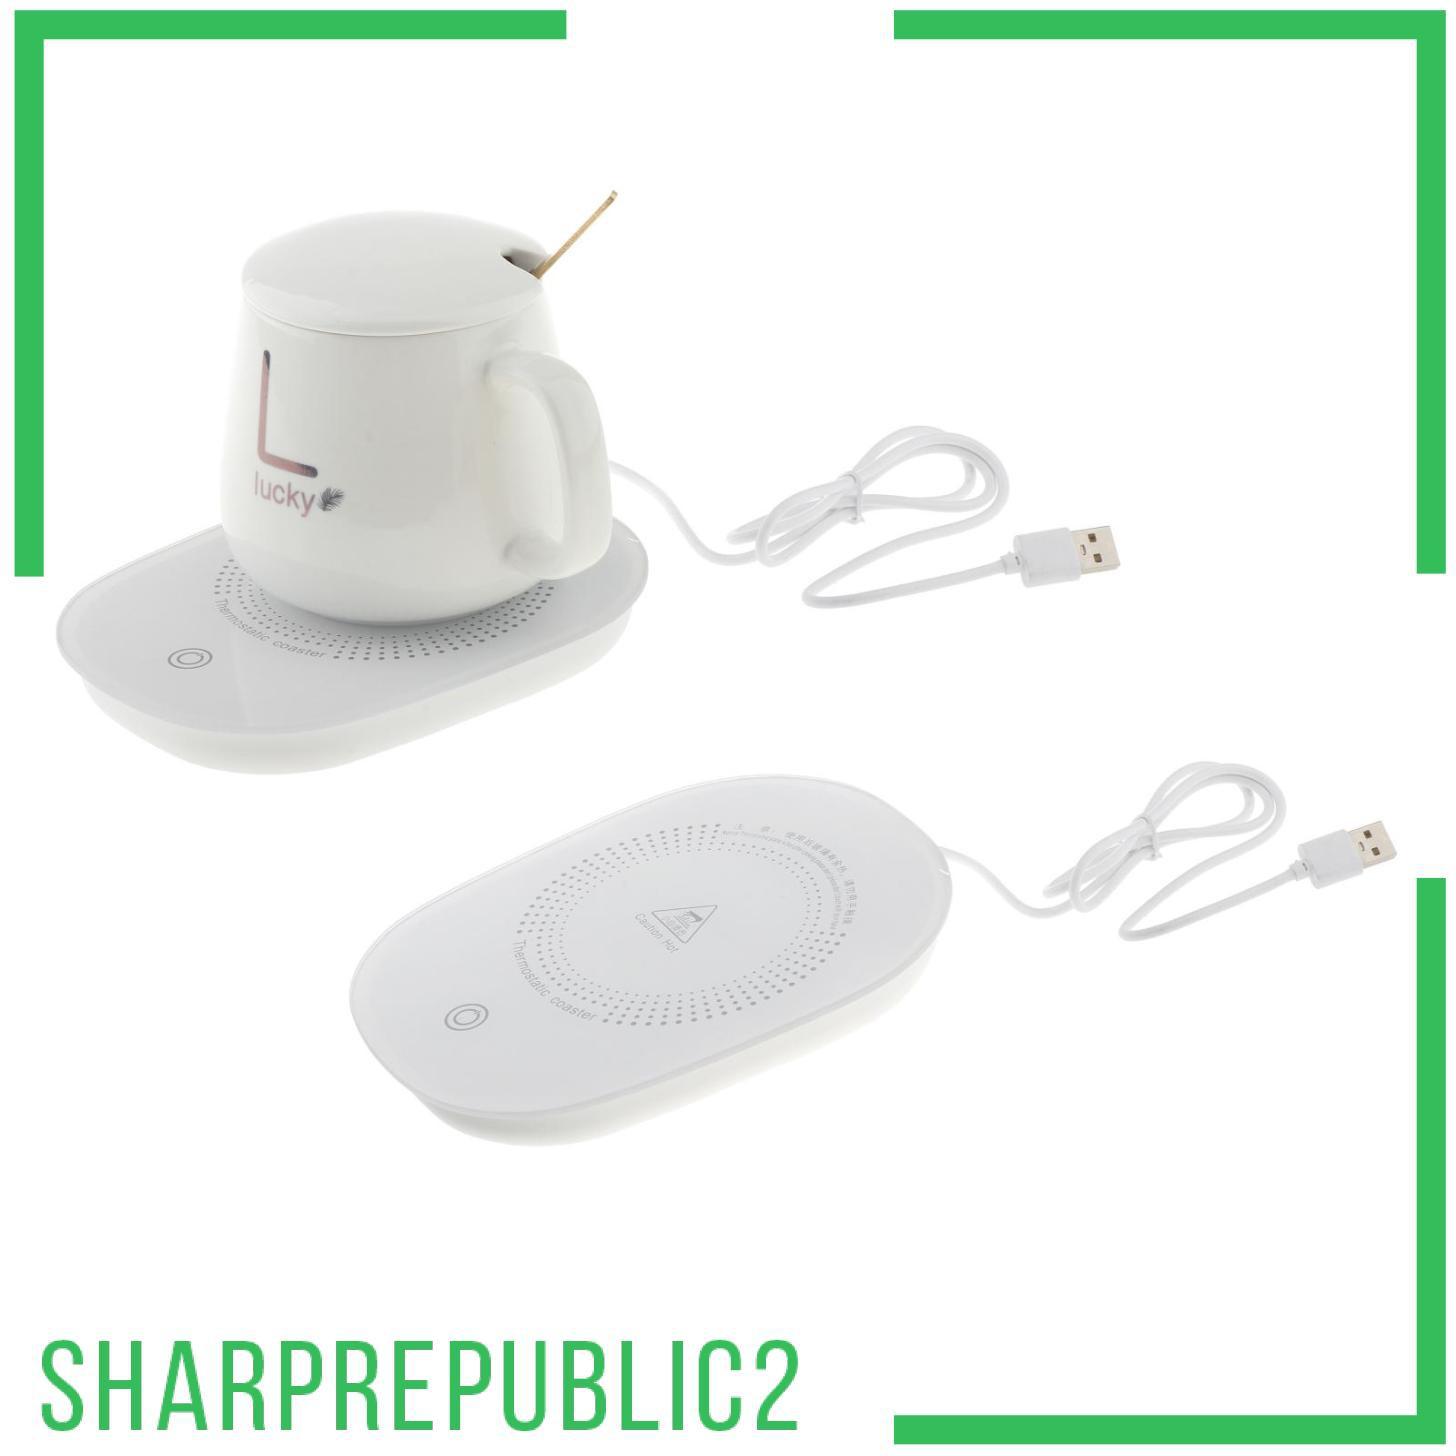 [SHARPREPUBLIC2] 咖啡杯保溫器台式飲料保溫器電熱杯暖茶水